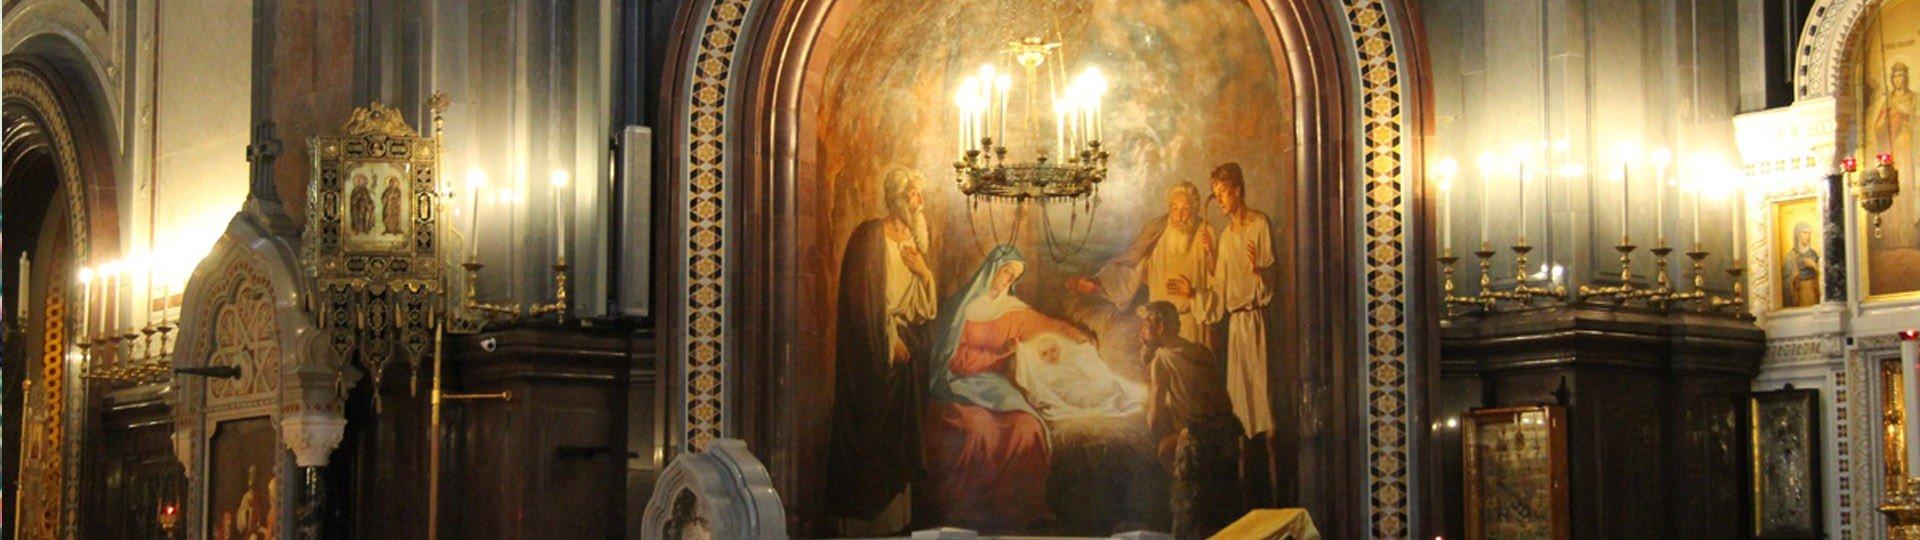 Православный приход Свято-Вознесенского храма